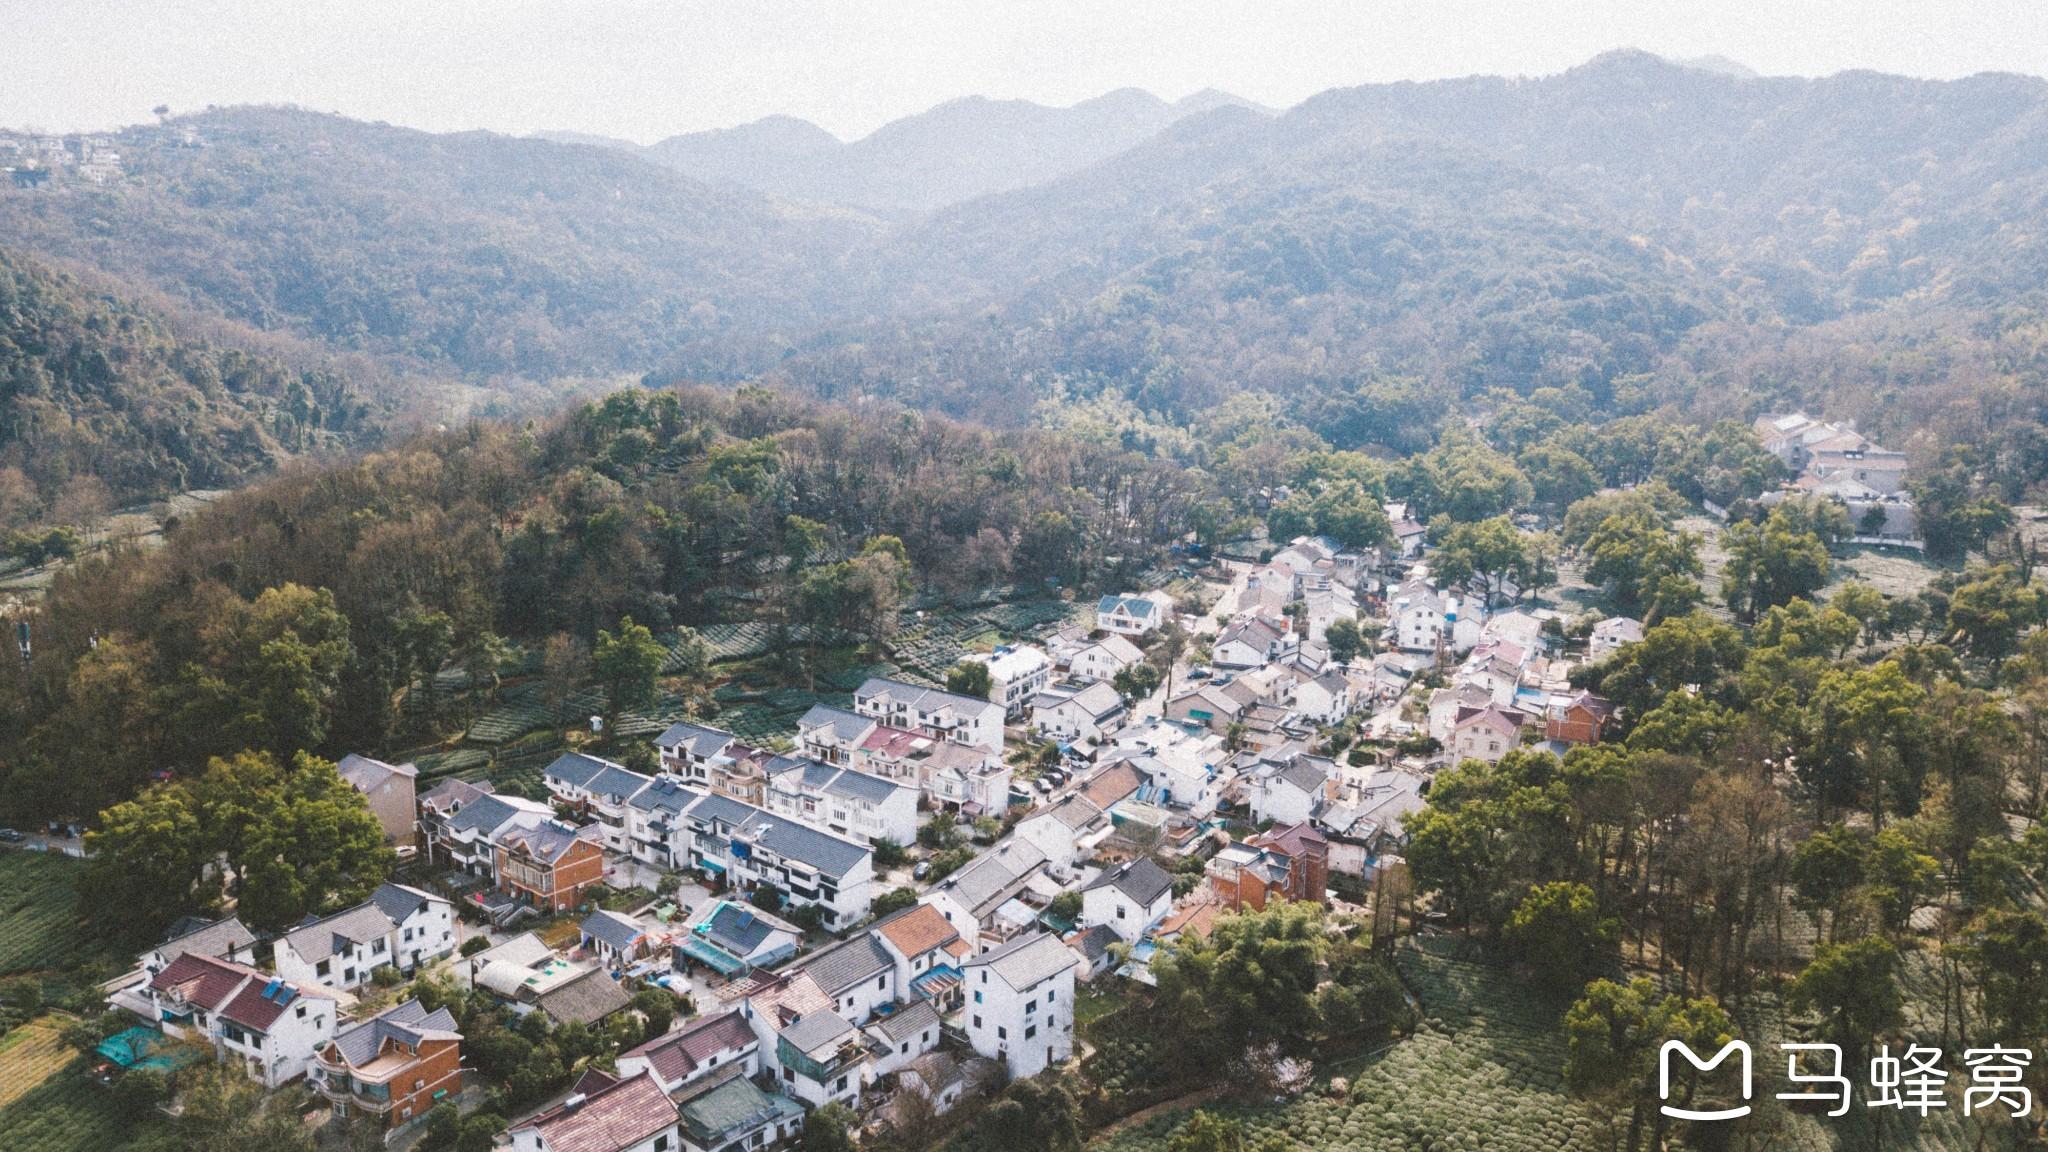 龙井村有什么好玩的,龙井村哪里好玩,龙井村好玩吗